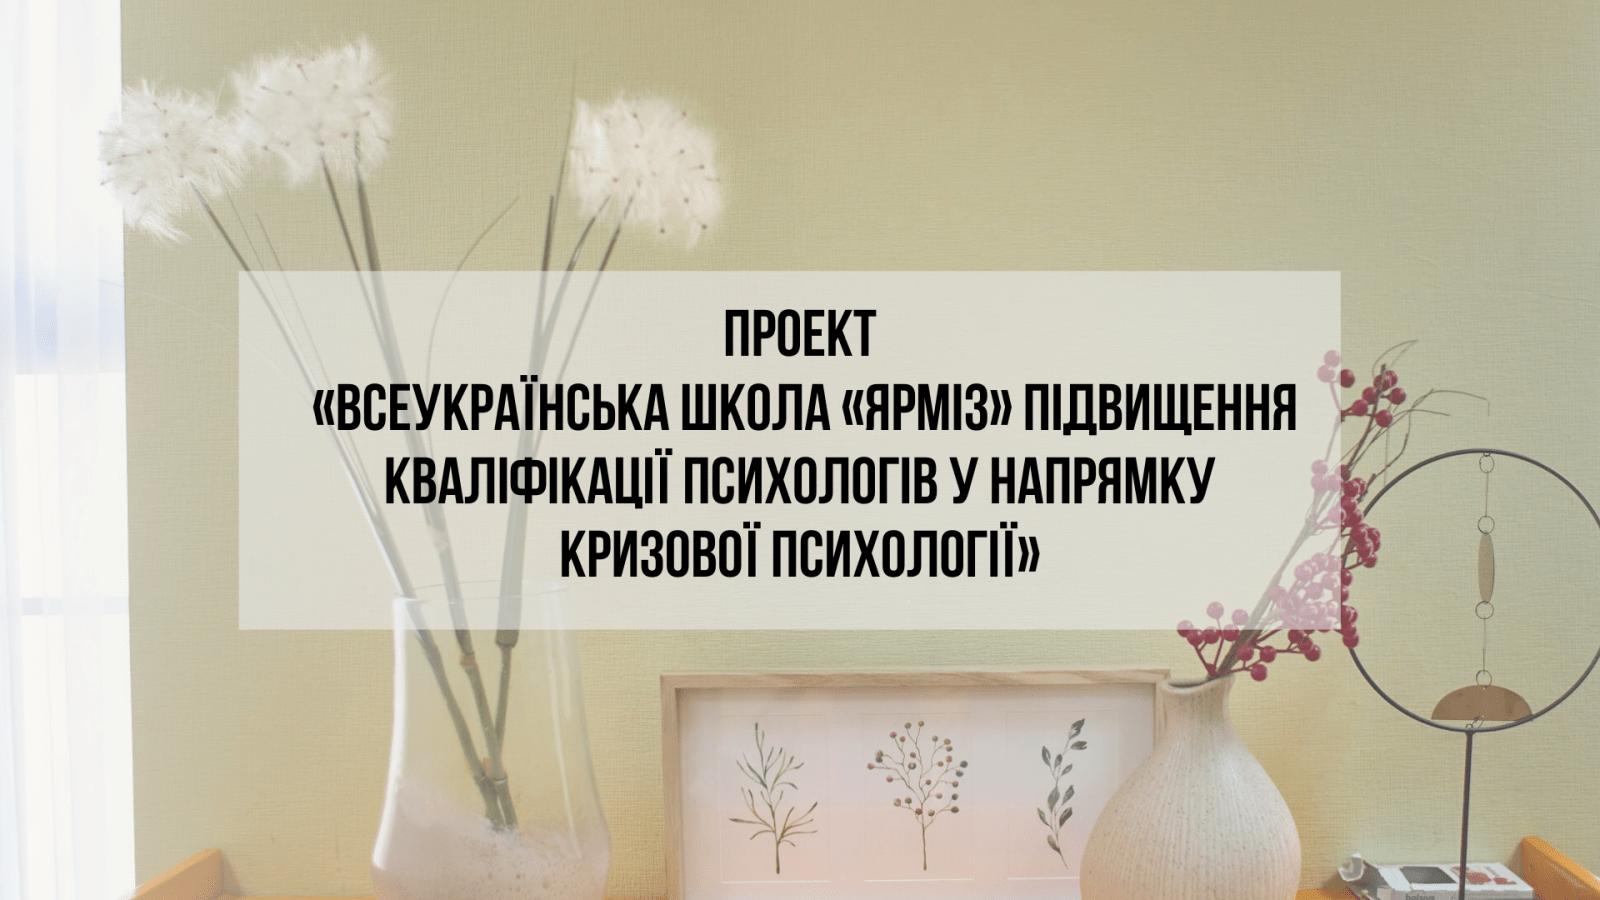 Проєкт «Всеукраїнська школа «ЯРМІЗ» підвищення кваліфікації психологів у напрямку кризової психології»